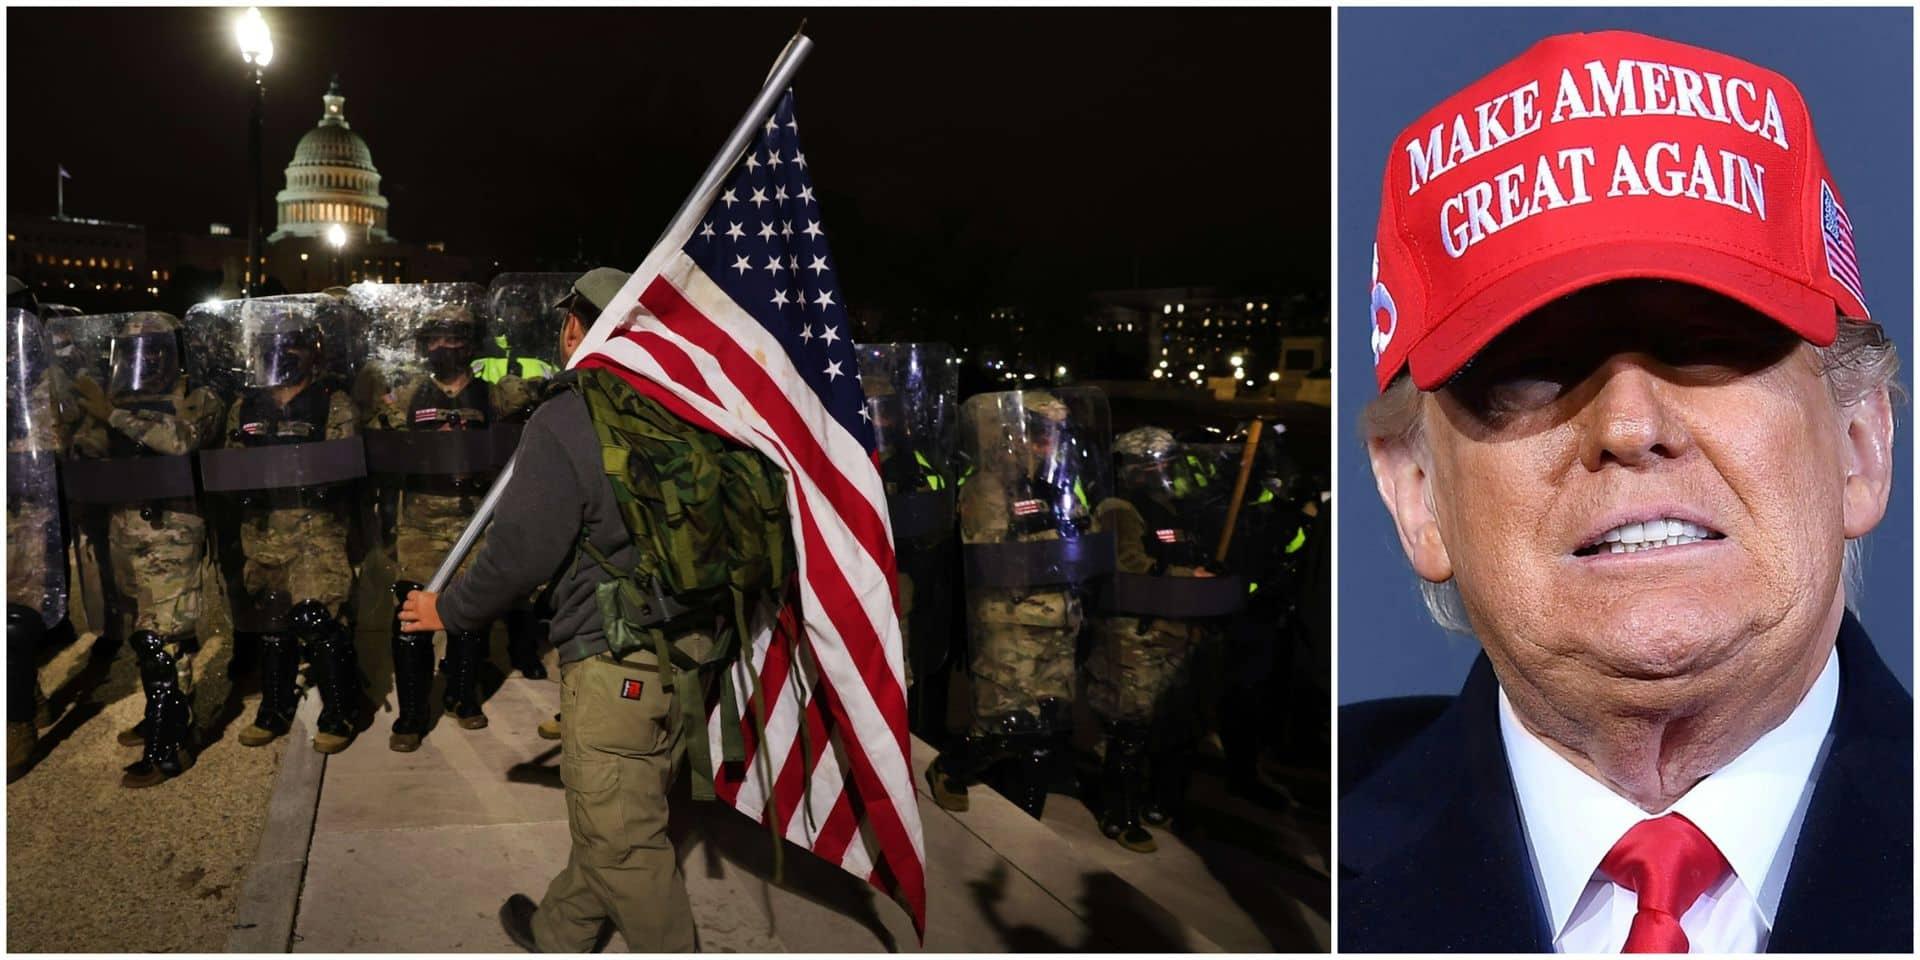 Si Donald Trump a peut-être compris qu'il valait mieux faire profil bas, il n'en a pas moins creusé sa tombe politique